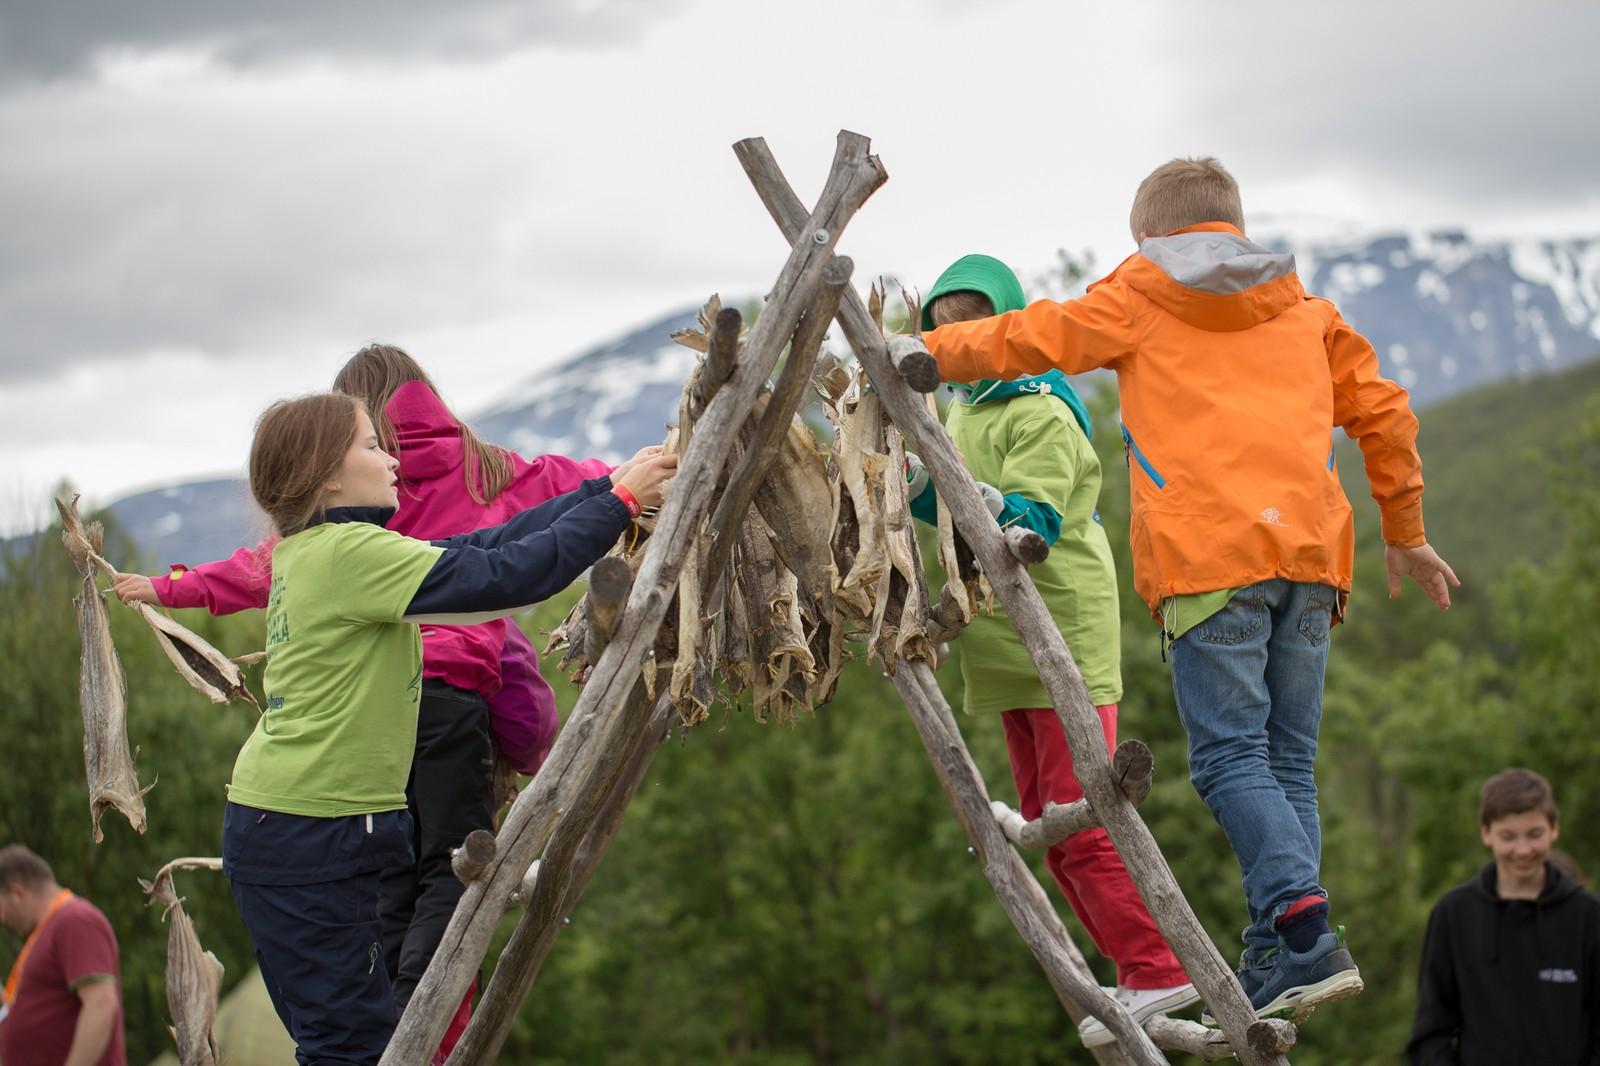 Barna synes det var stas å få henge opp tørrfisk på hjellene.